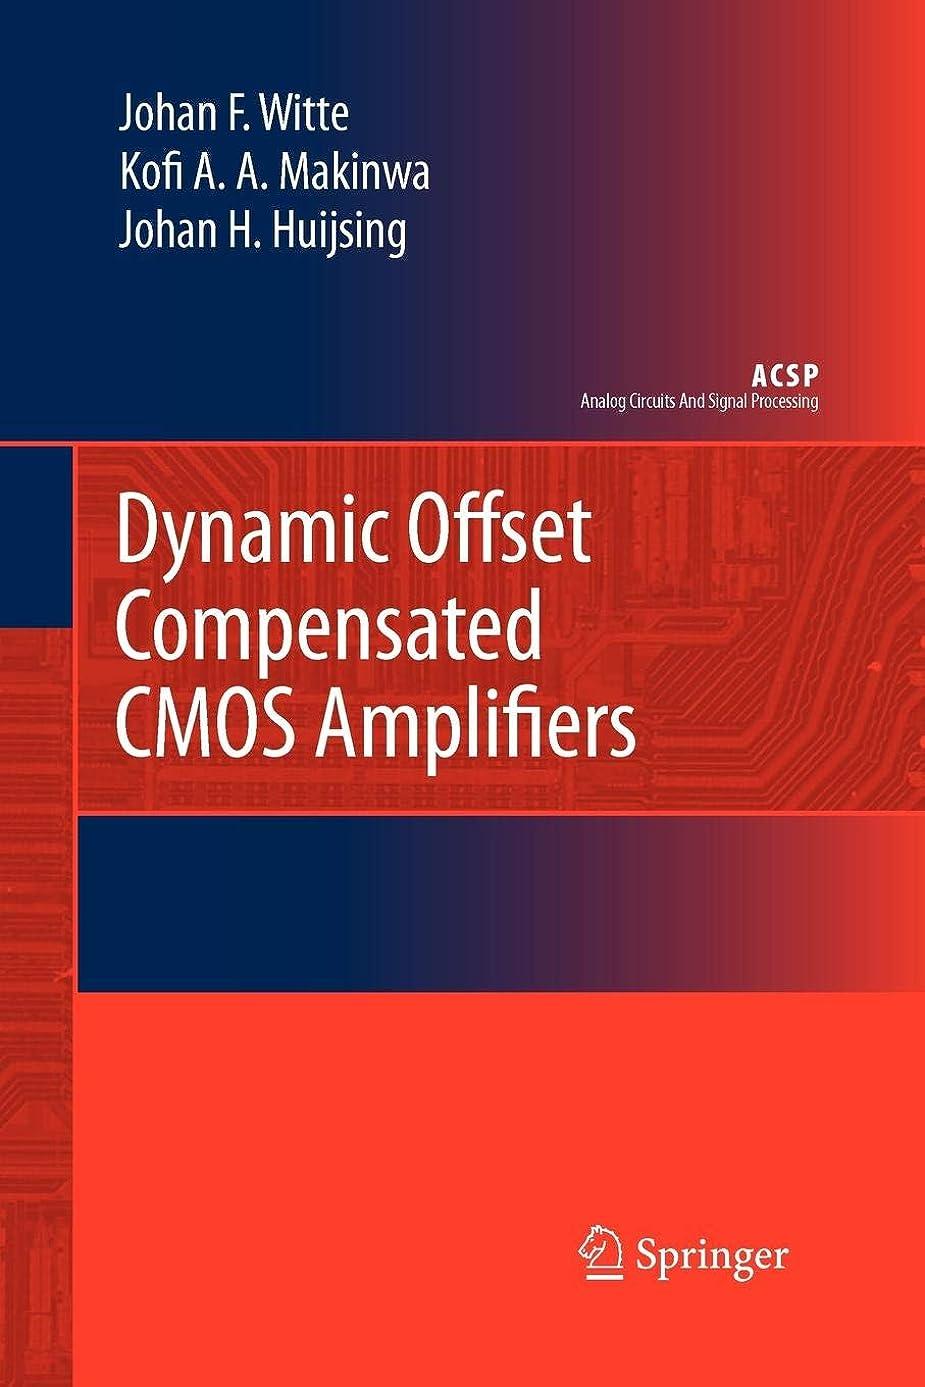 手錠満員慣習Dynamic Offset Compensated CMOS Amplifiers (Analog Circuits and Signal Processing)